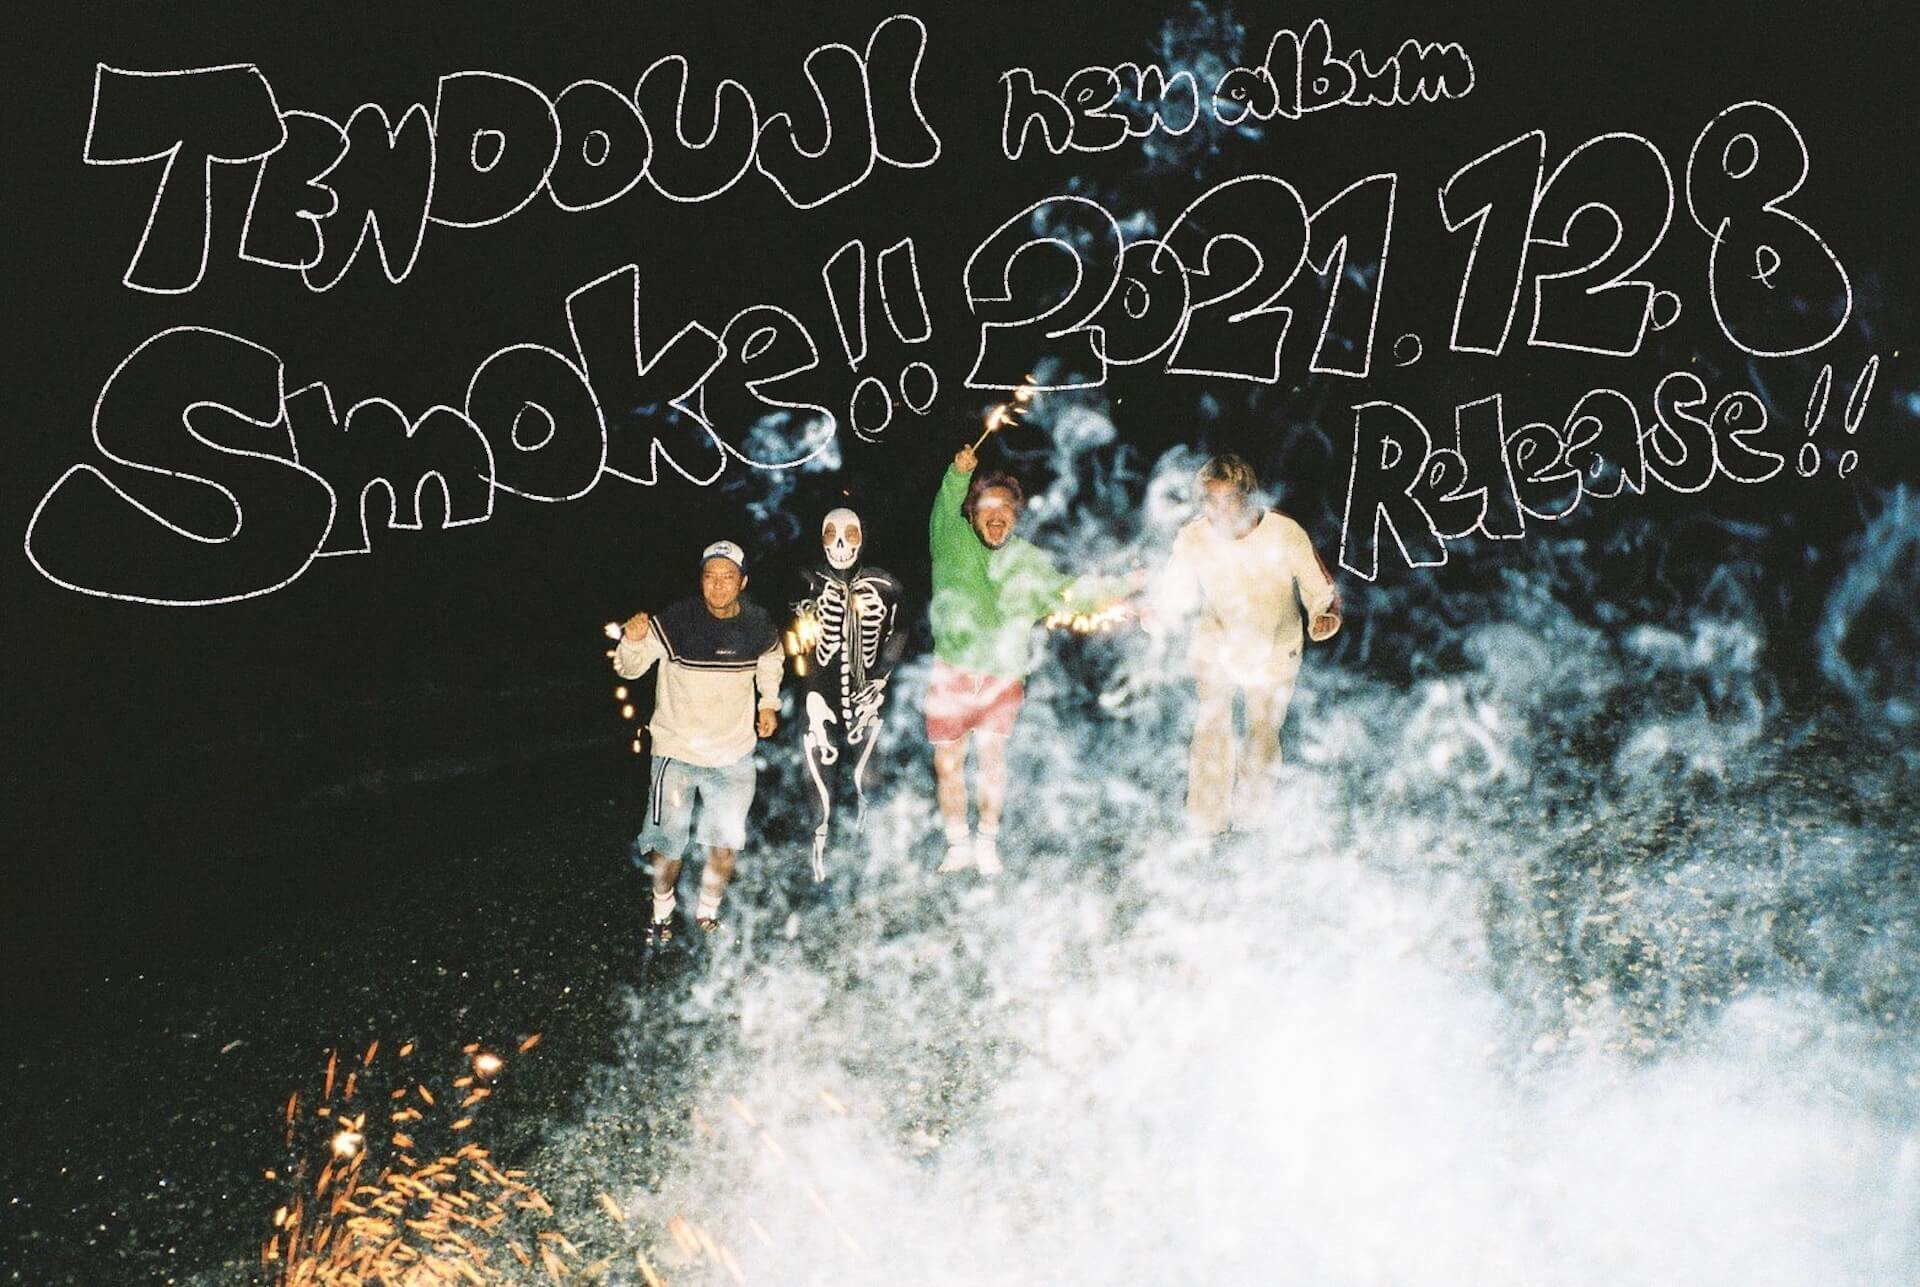 振り返るフジロック2021 TENDOUJI music211001_tendouji_smoke_02-1